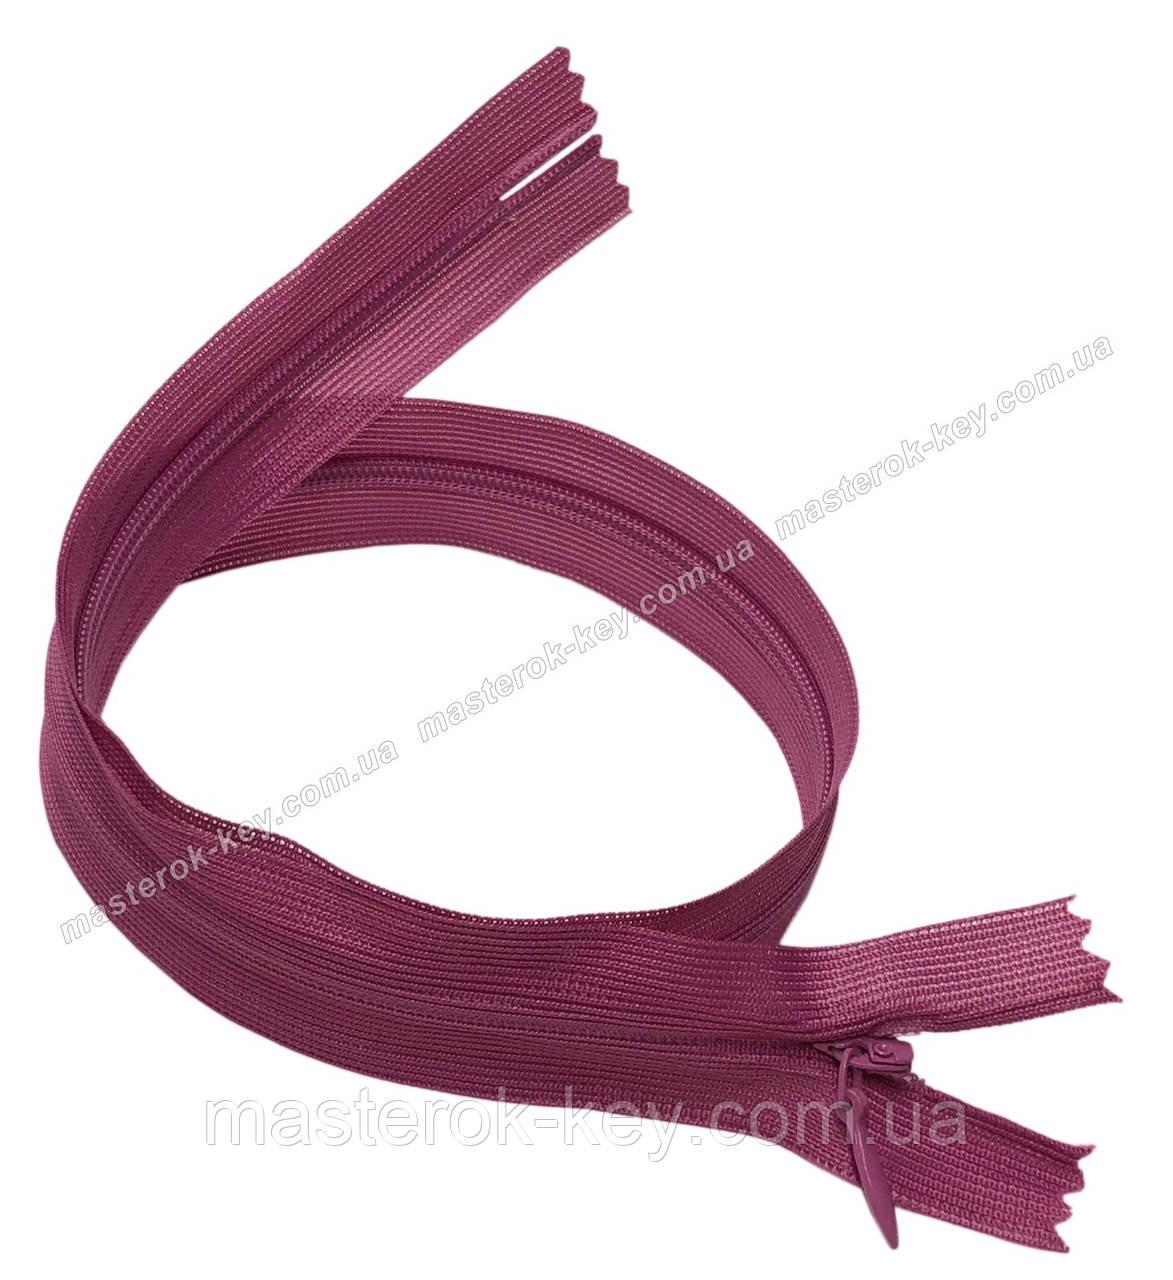 Блискавка потайна Тип 3 50см нераз'емна колір Брудно-рожевий 521